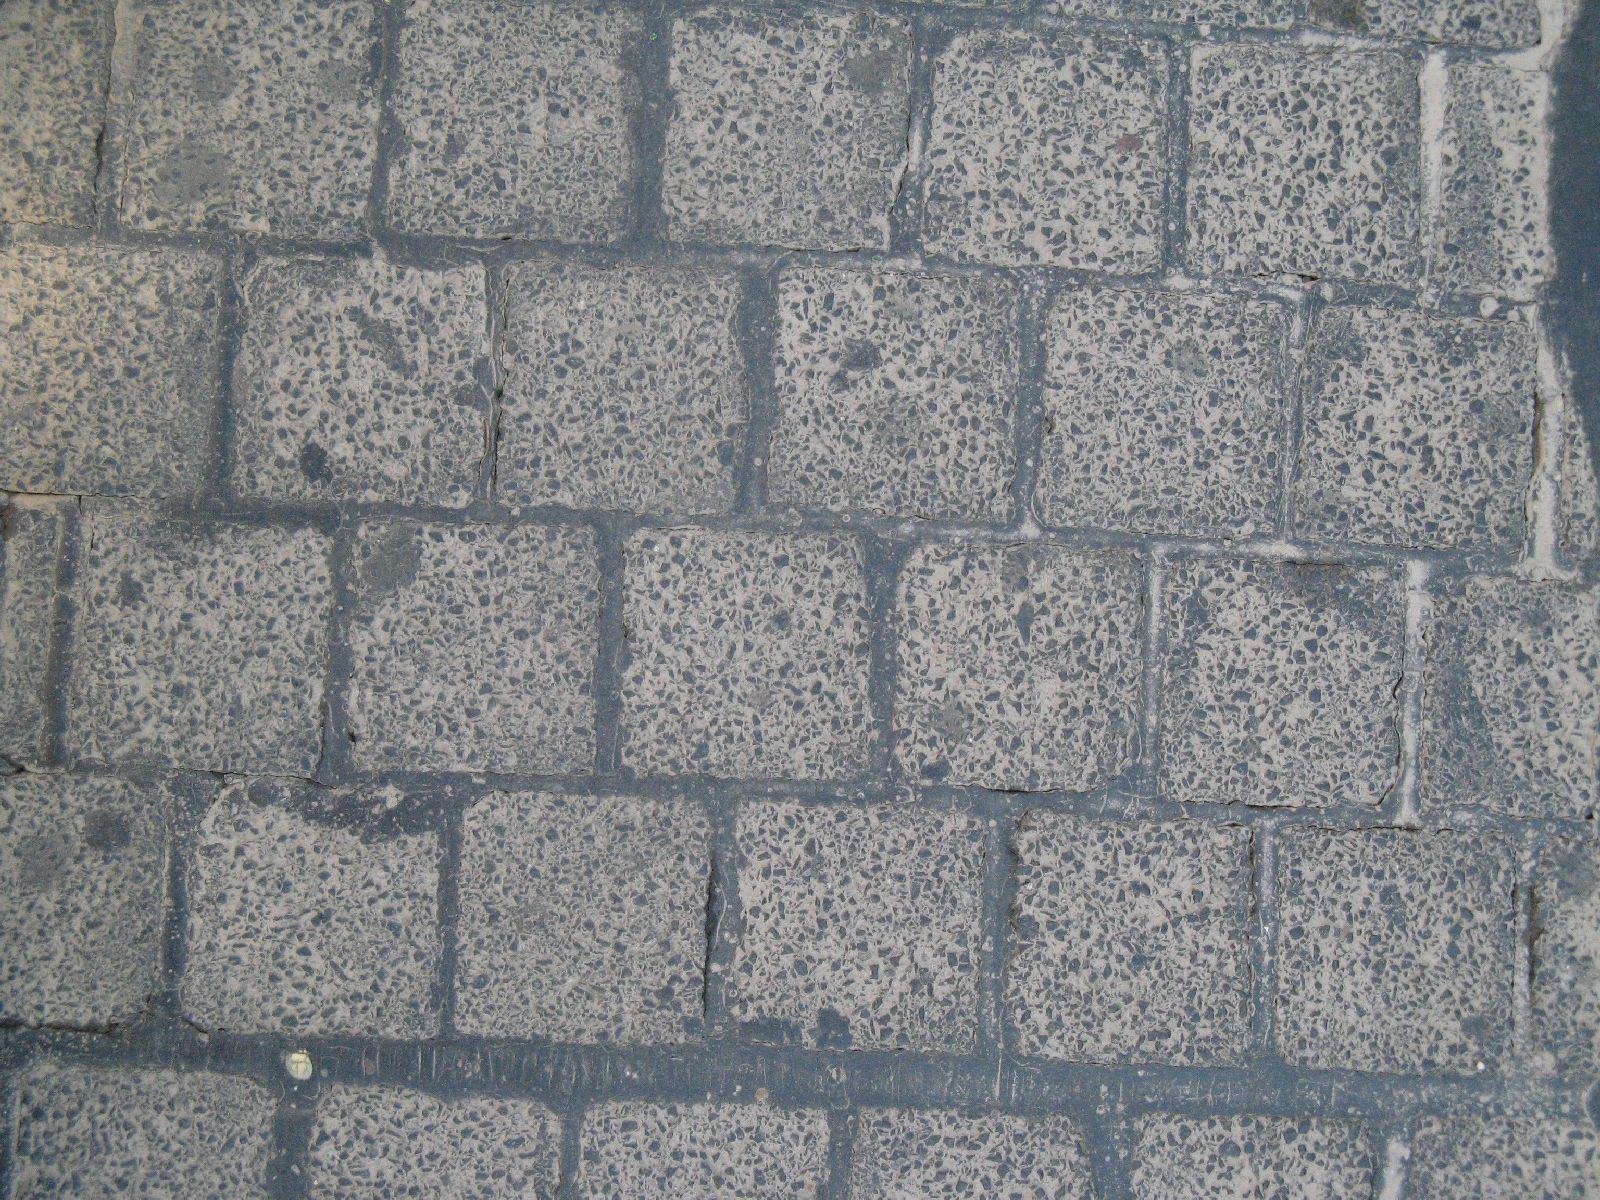 Boden-Gehweg-Strasse-Buergersteig-Textur_B_00793